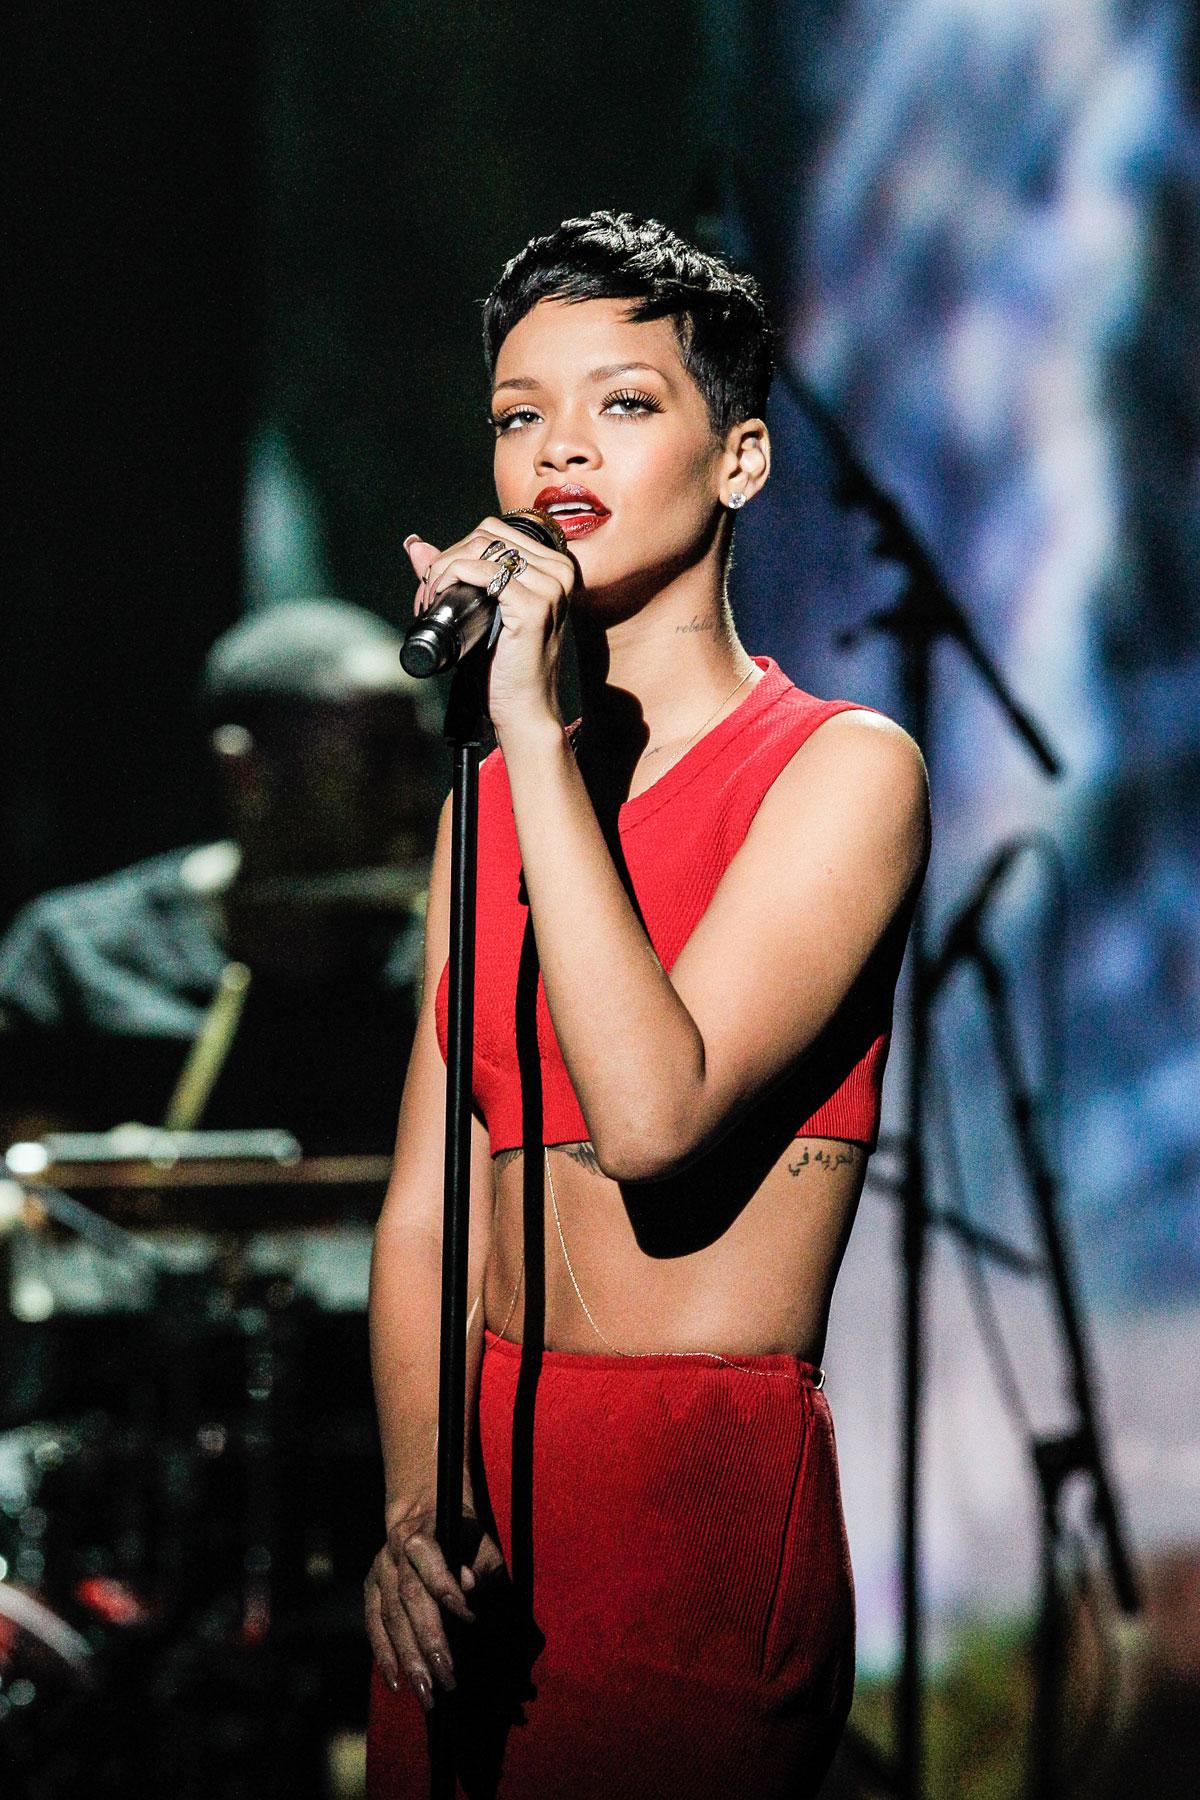 Rihanna At La Chanson De L Annee 2012 Tv Show In Paris